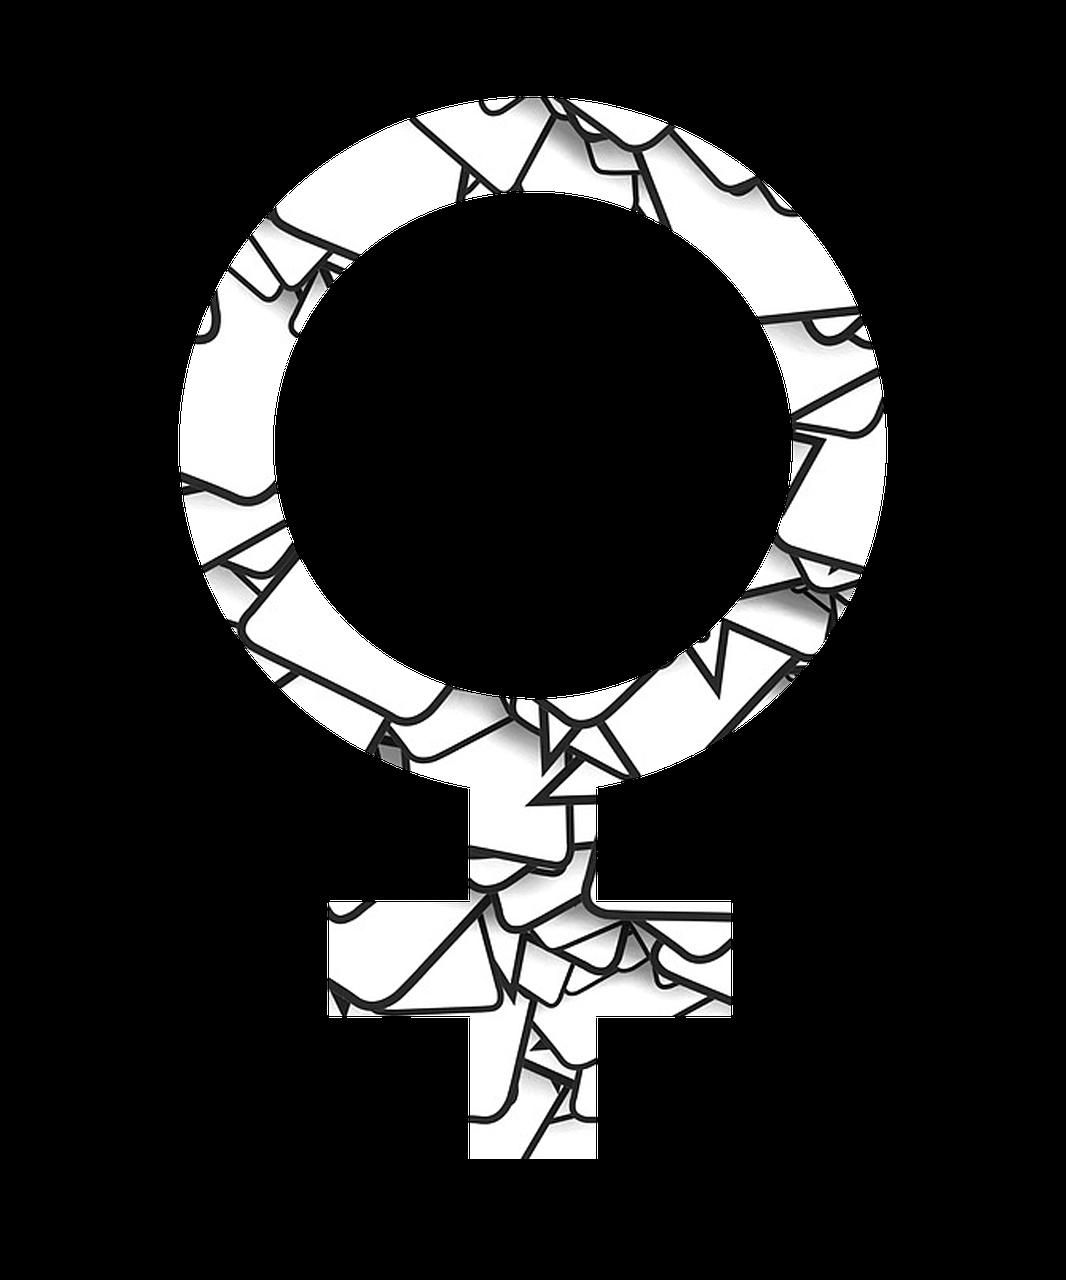 Gender Sign of Female PNG Image